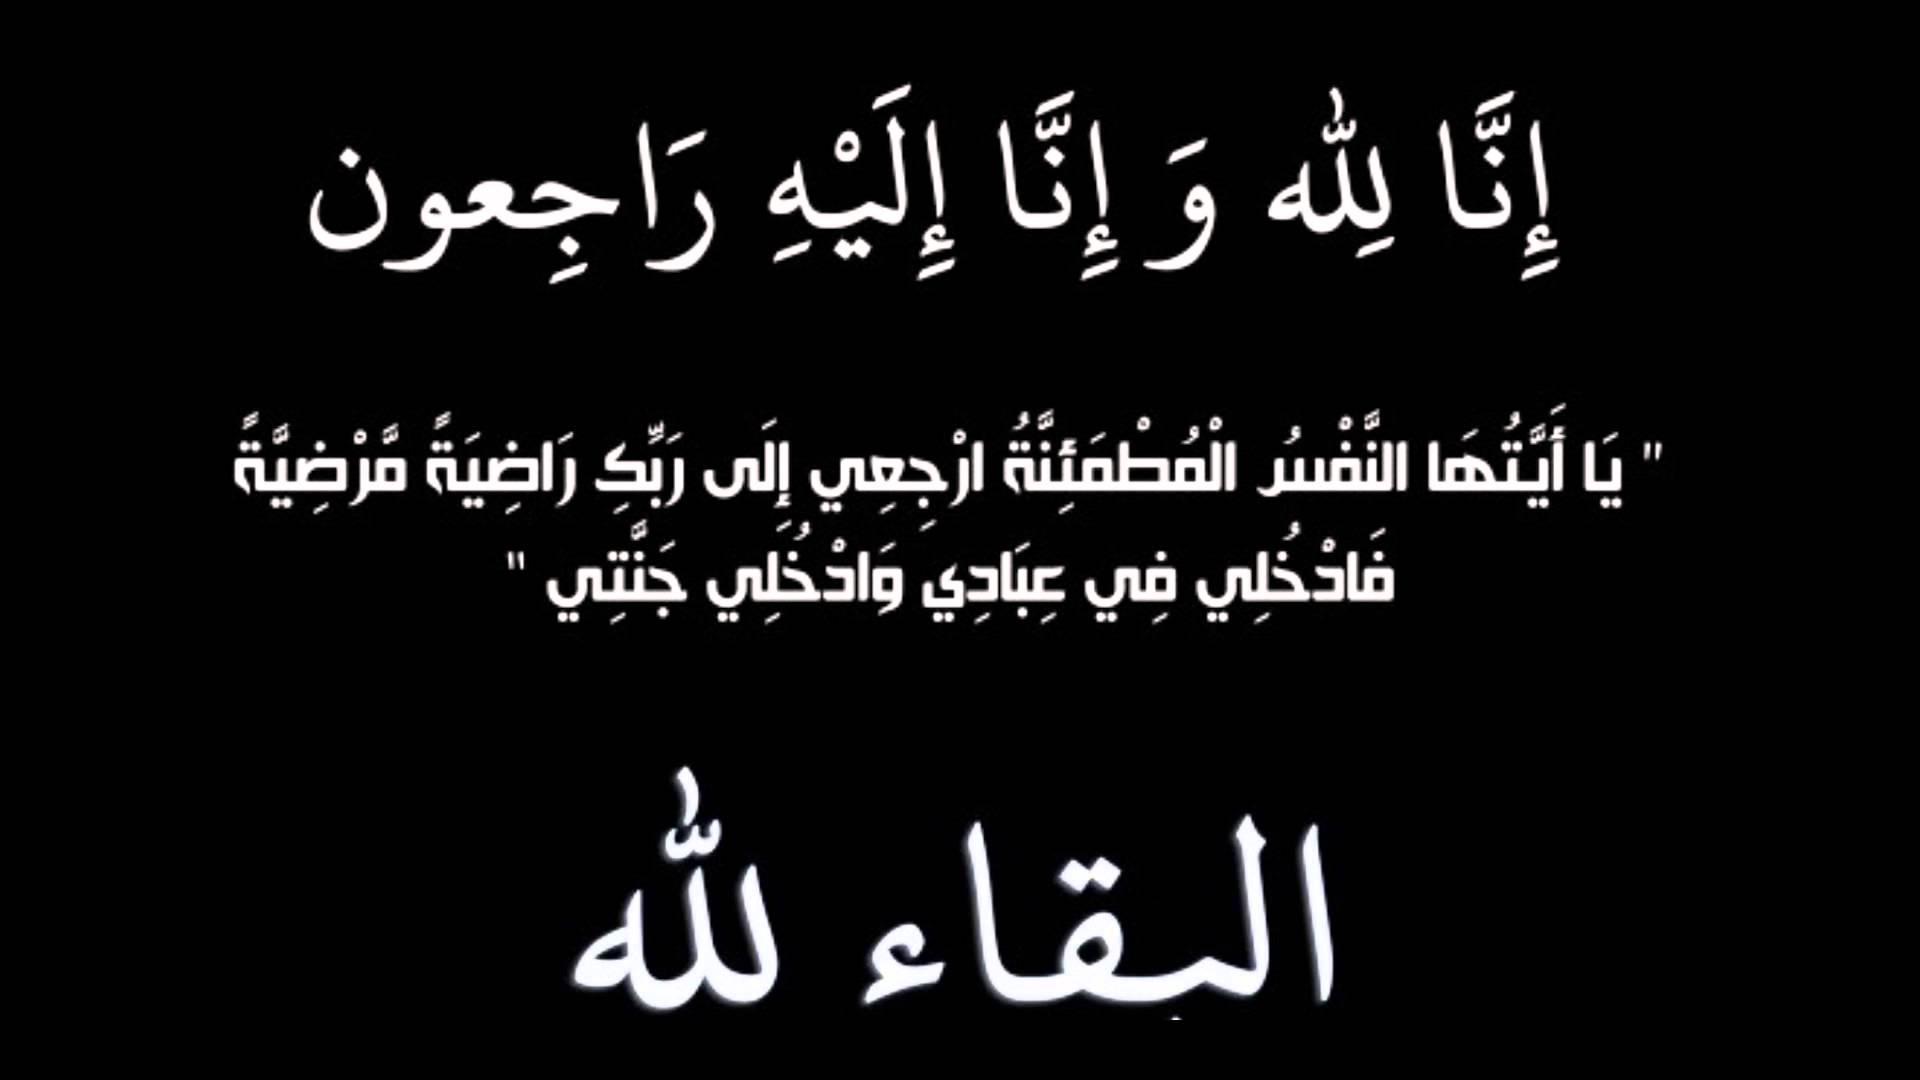 الحاج احمد حسين كيوان في ذمة لله